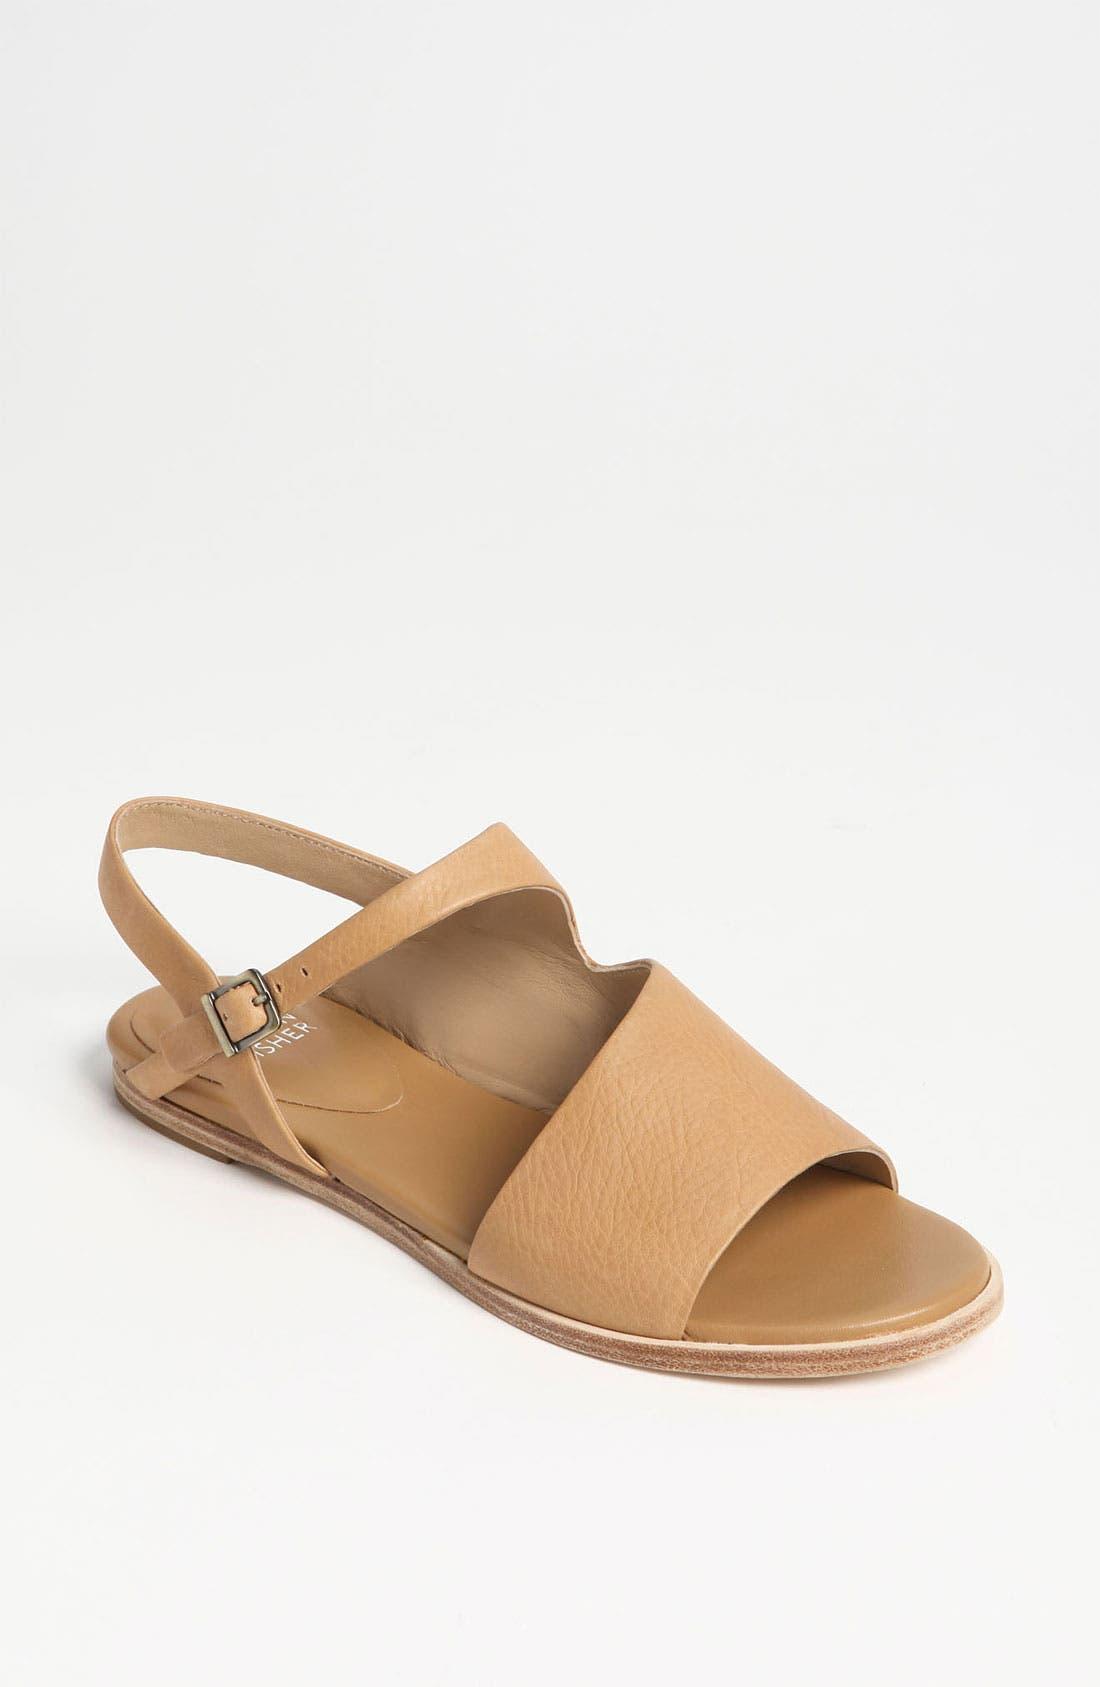 Alternate Image 1 Selected - Eileen Fisher 'Veer' Sandal